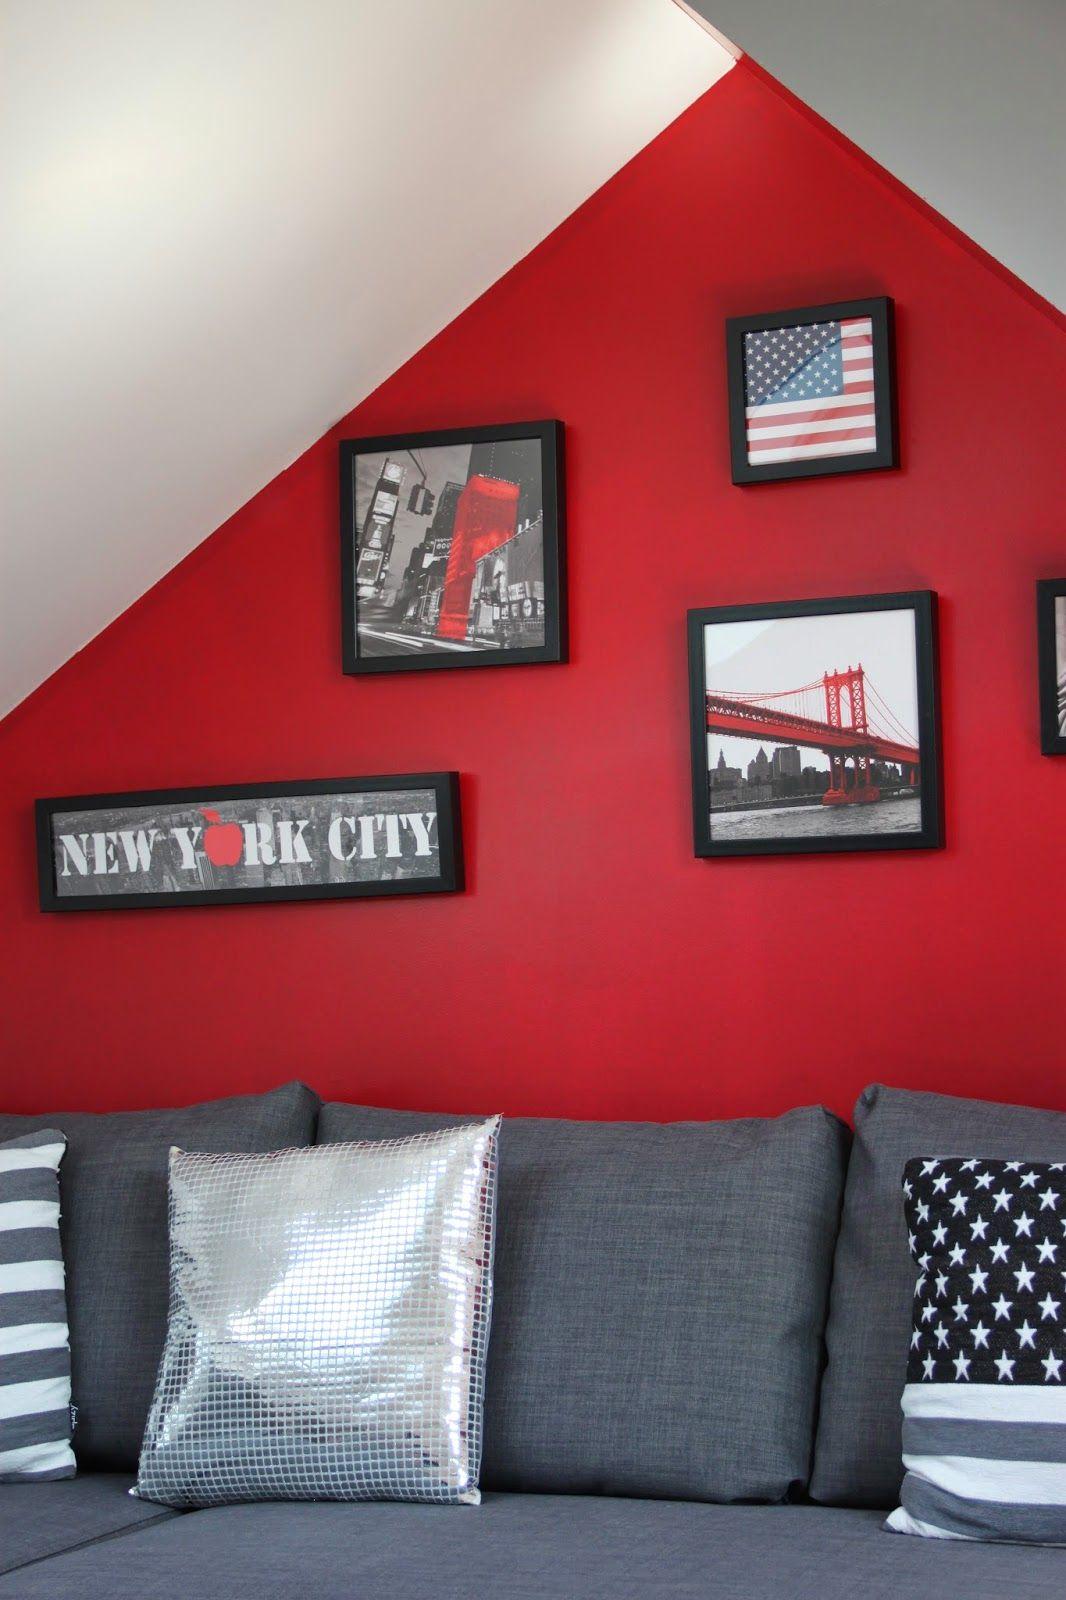 deco chambre garcon new york - Recherche Google  Deco chambre new